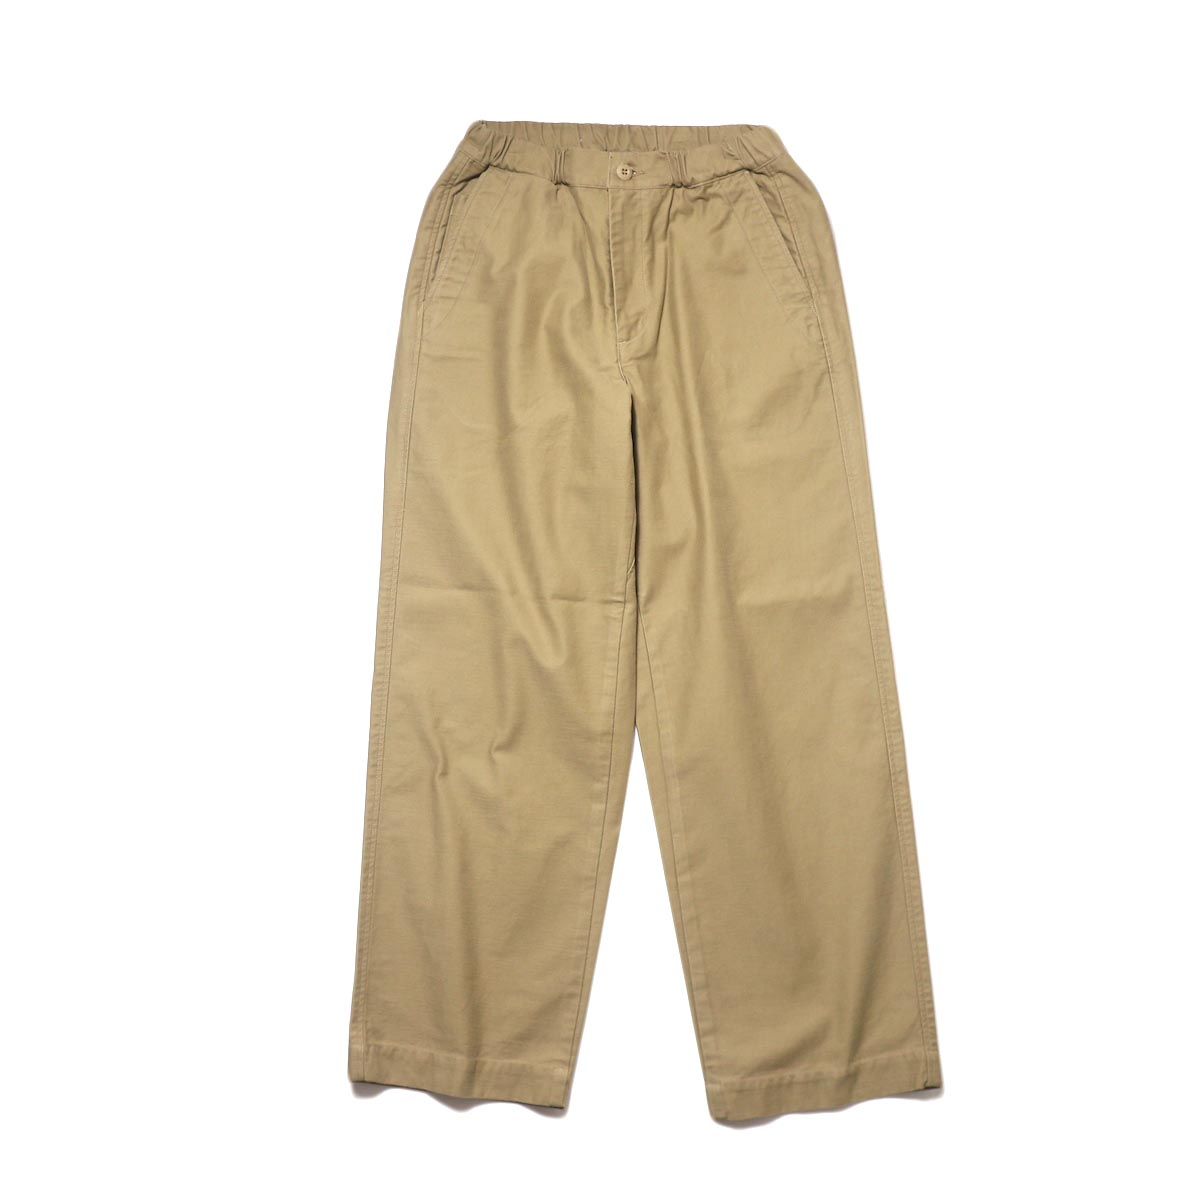 BRENA / Coq Pants (beige)